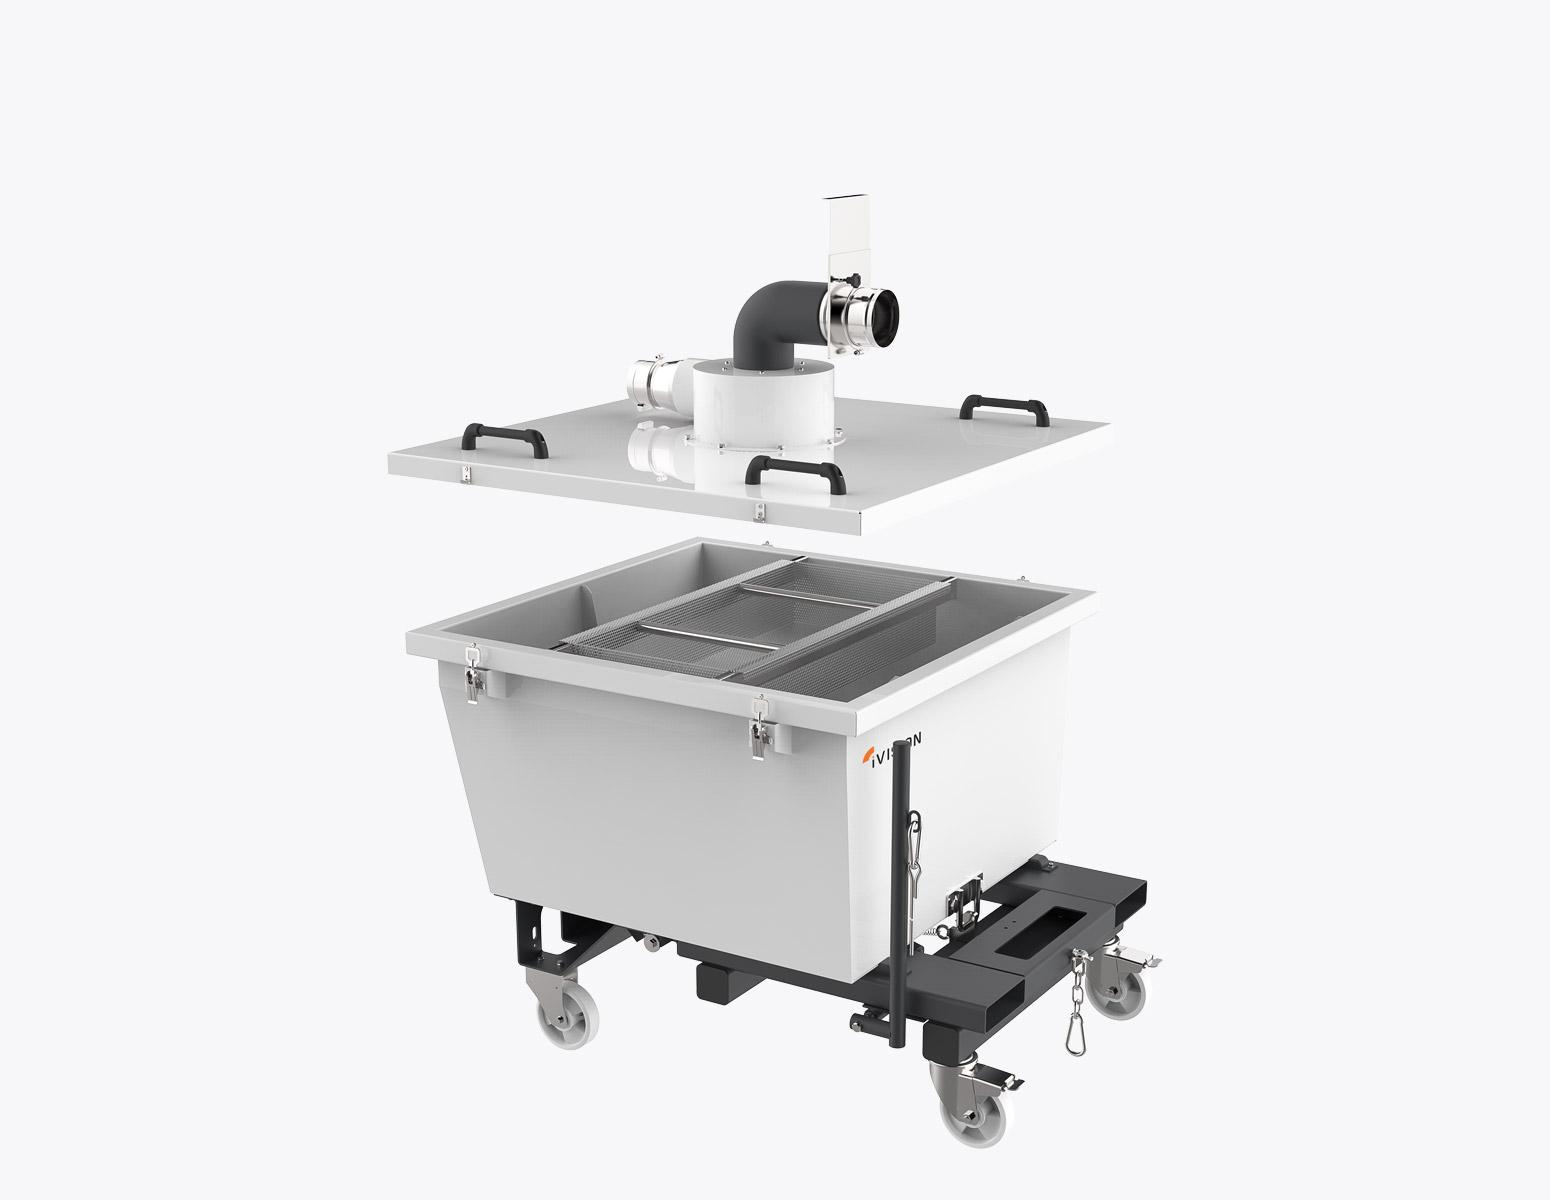 cestello-separatore-per-benna-sabbiatura-industrial-vacuum-cleaners-ivision-vacuum